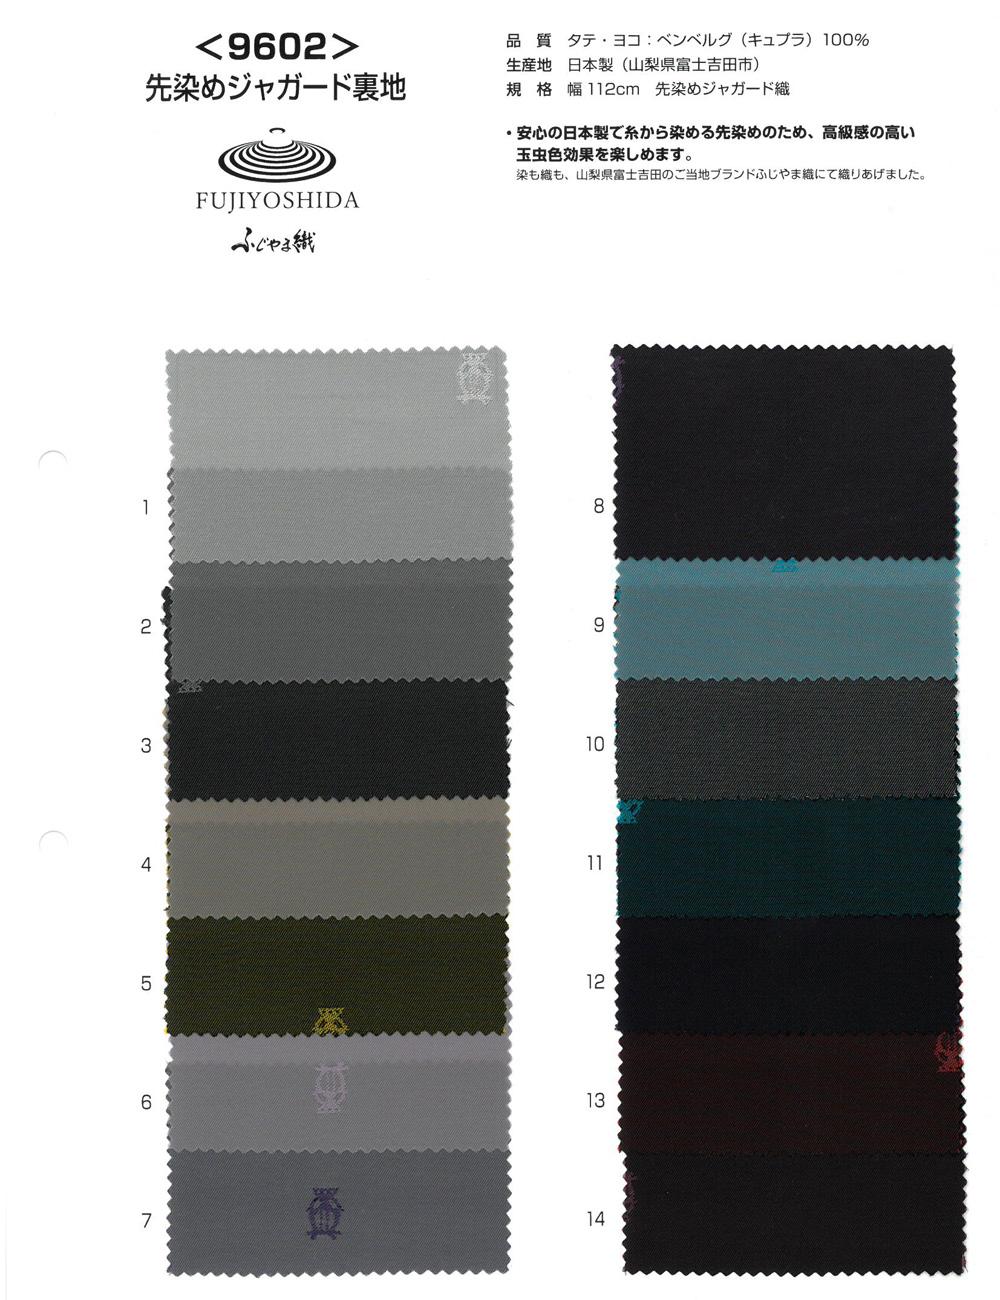 9602 ふじやま織 先染めジャカード織り[裏地] ヤマモト - ApparelX アパレル資材卸通販